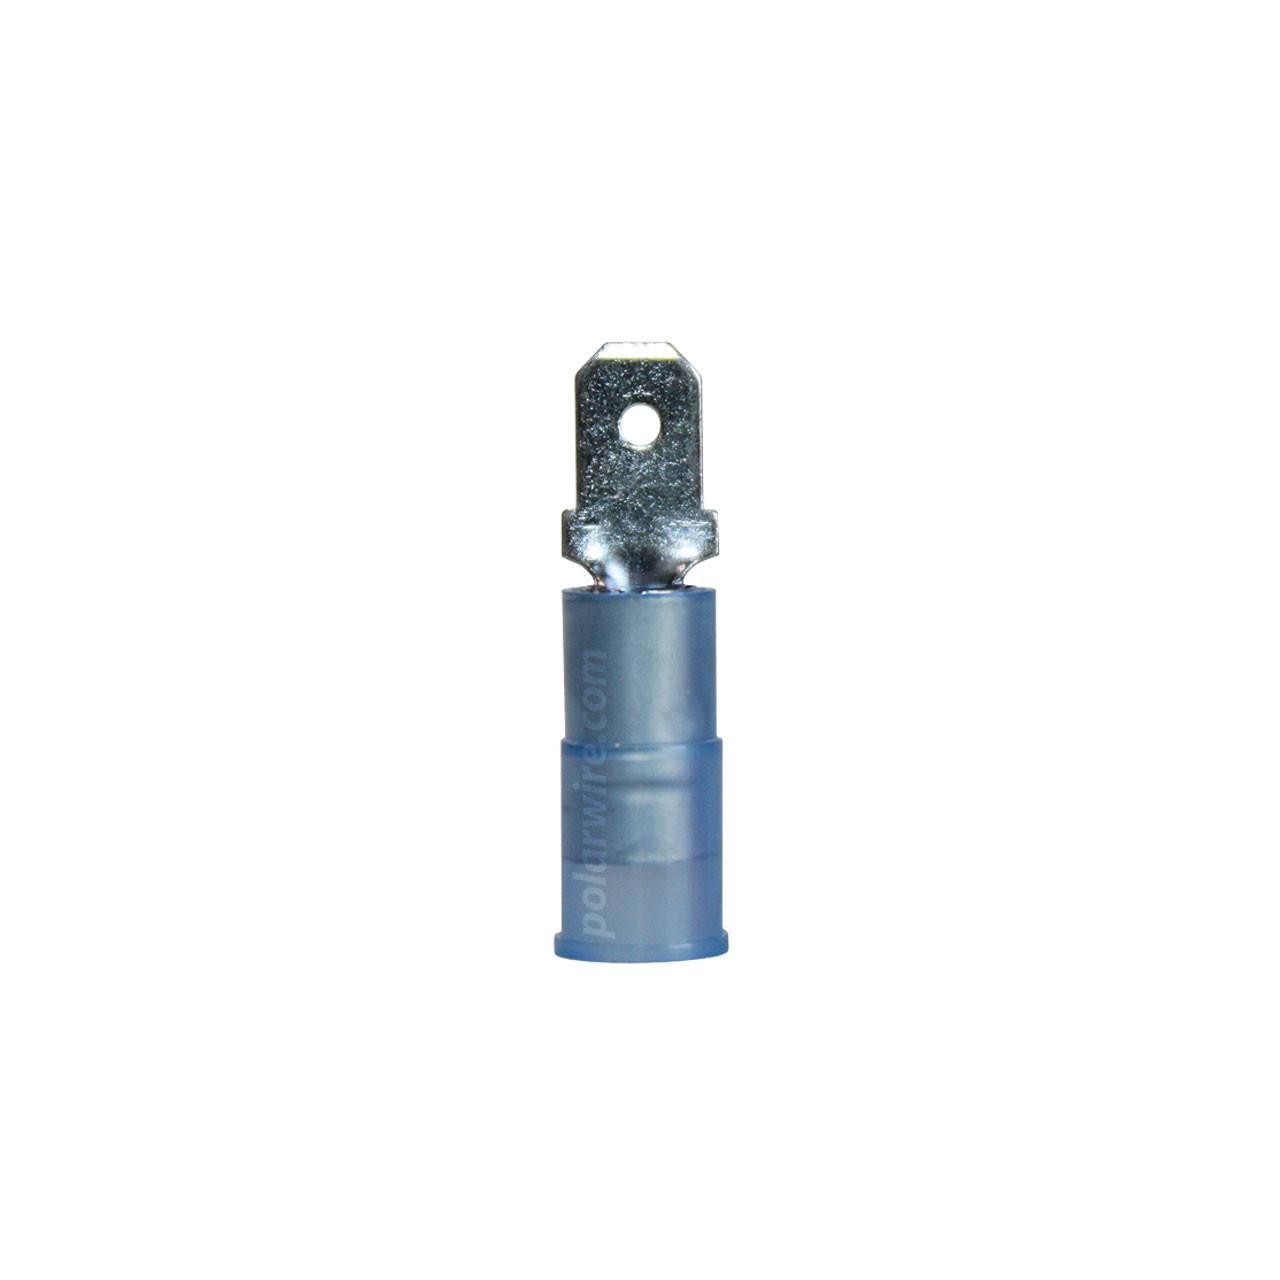 NYLON SLIDE-M 16-14GA.187  MALE 100 PACK MOLEX